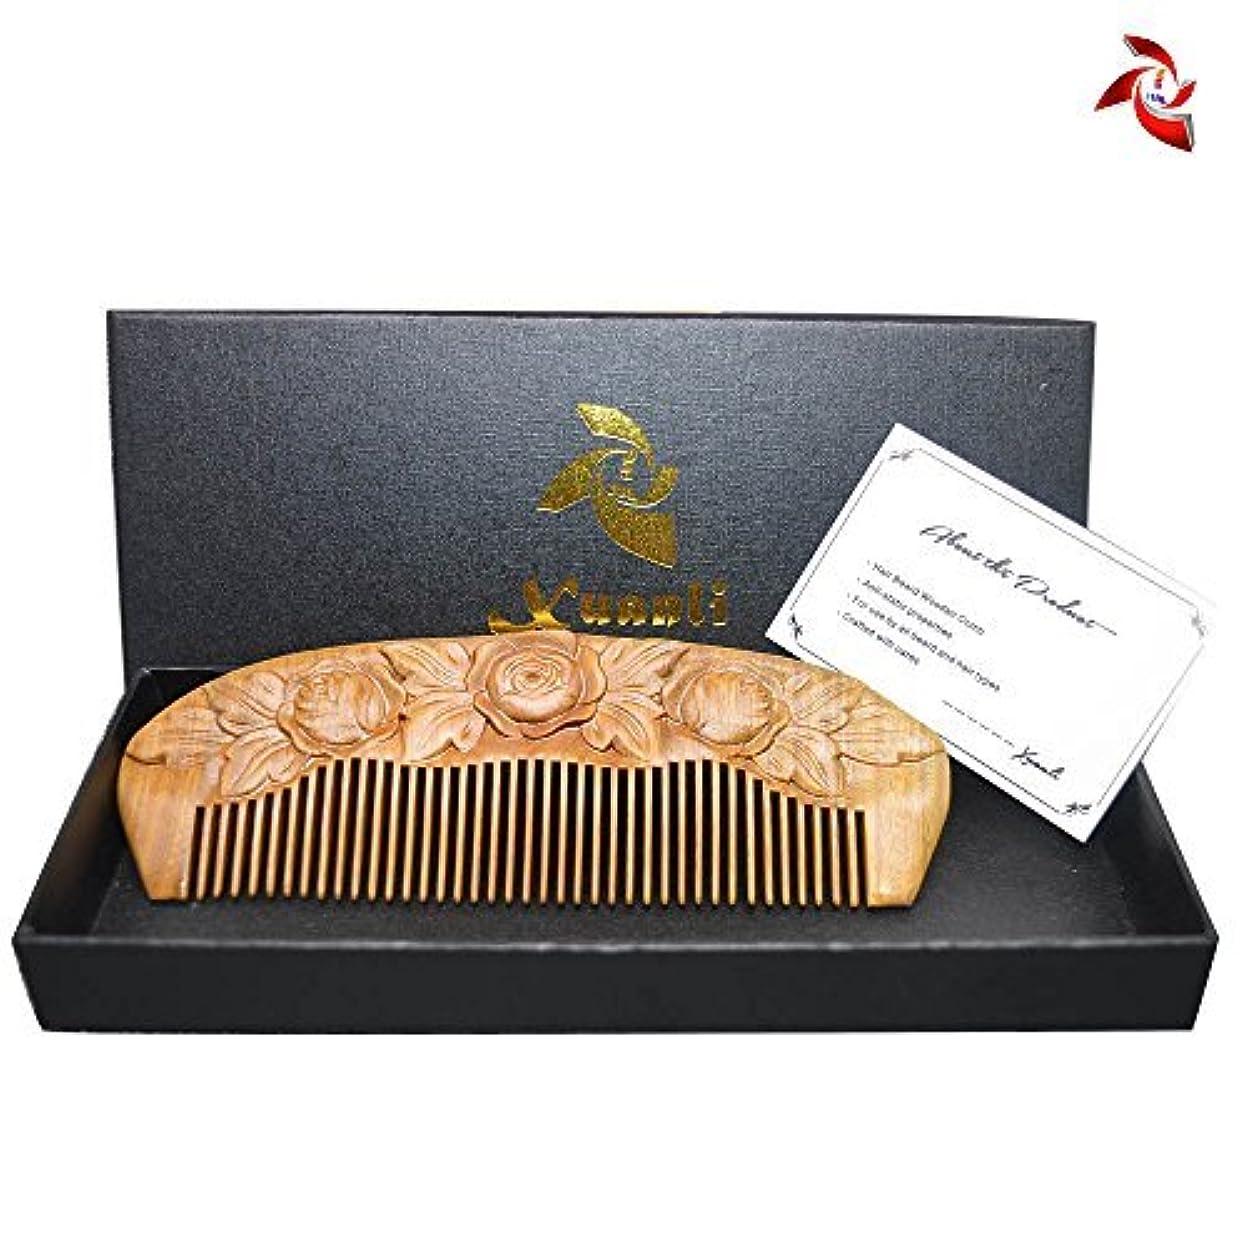 クローンホットドライXuanli Wood Combs Carving roses design Natural Green Sandalwood Combs Top Quality Handmade Combs For Hair No Static (M024) [並行輸入品]